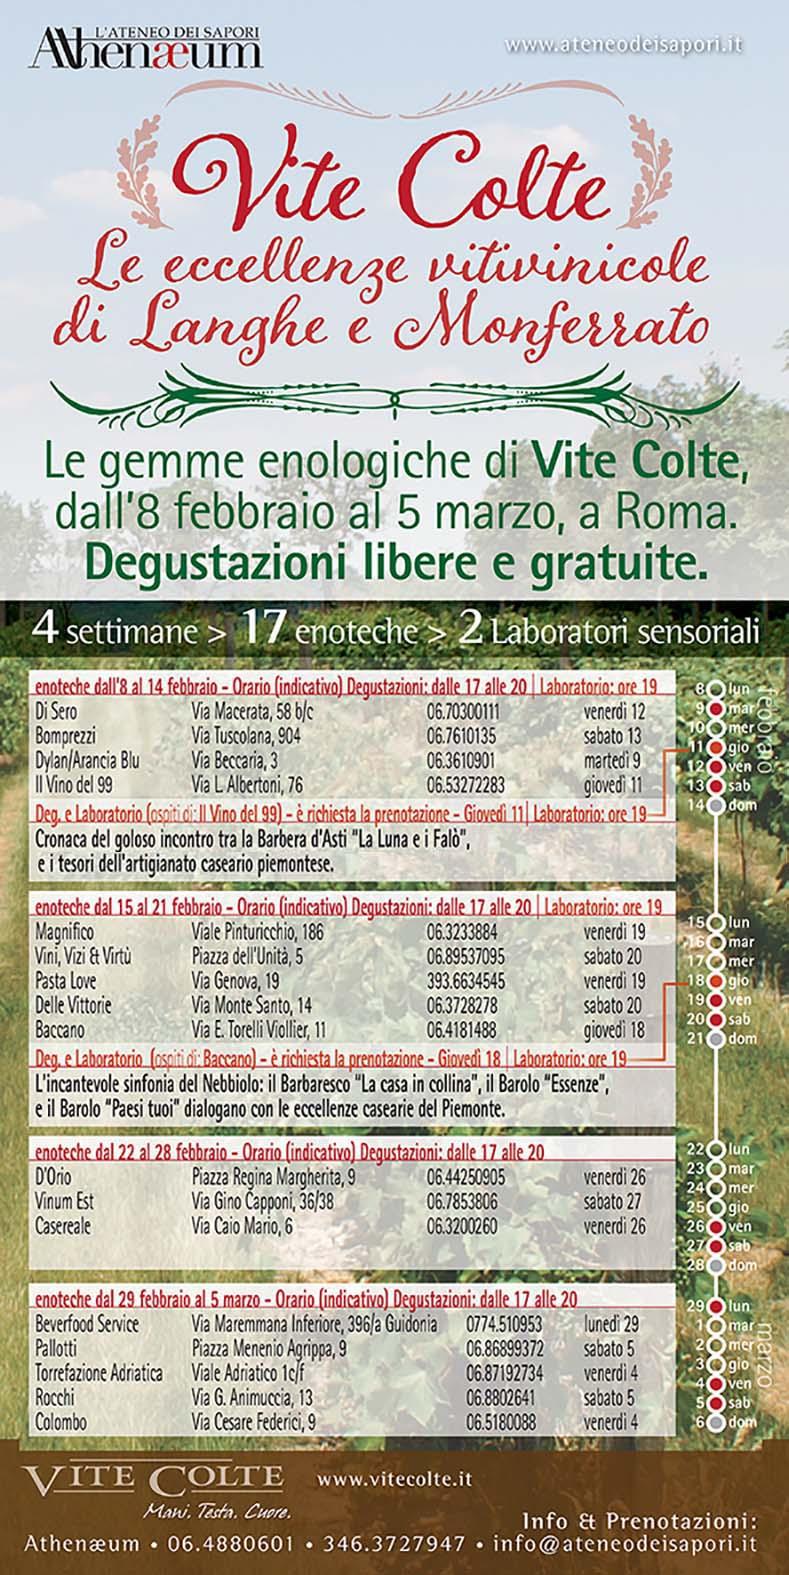 Vite Colte – le eccellenze vitivinicole di Langhe e Monferrato all'ombra del cupolone